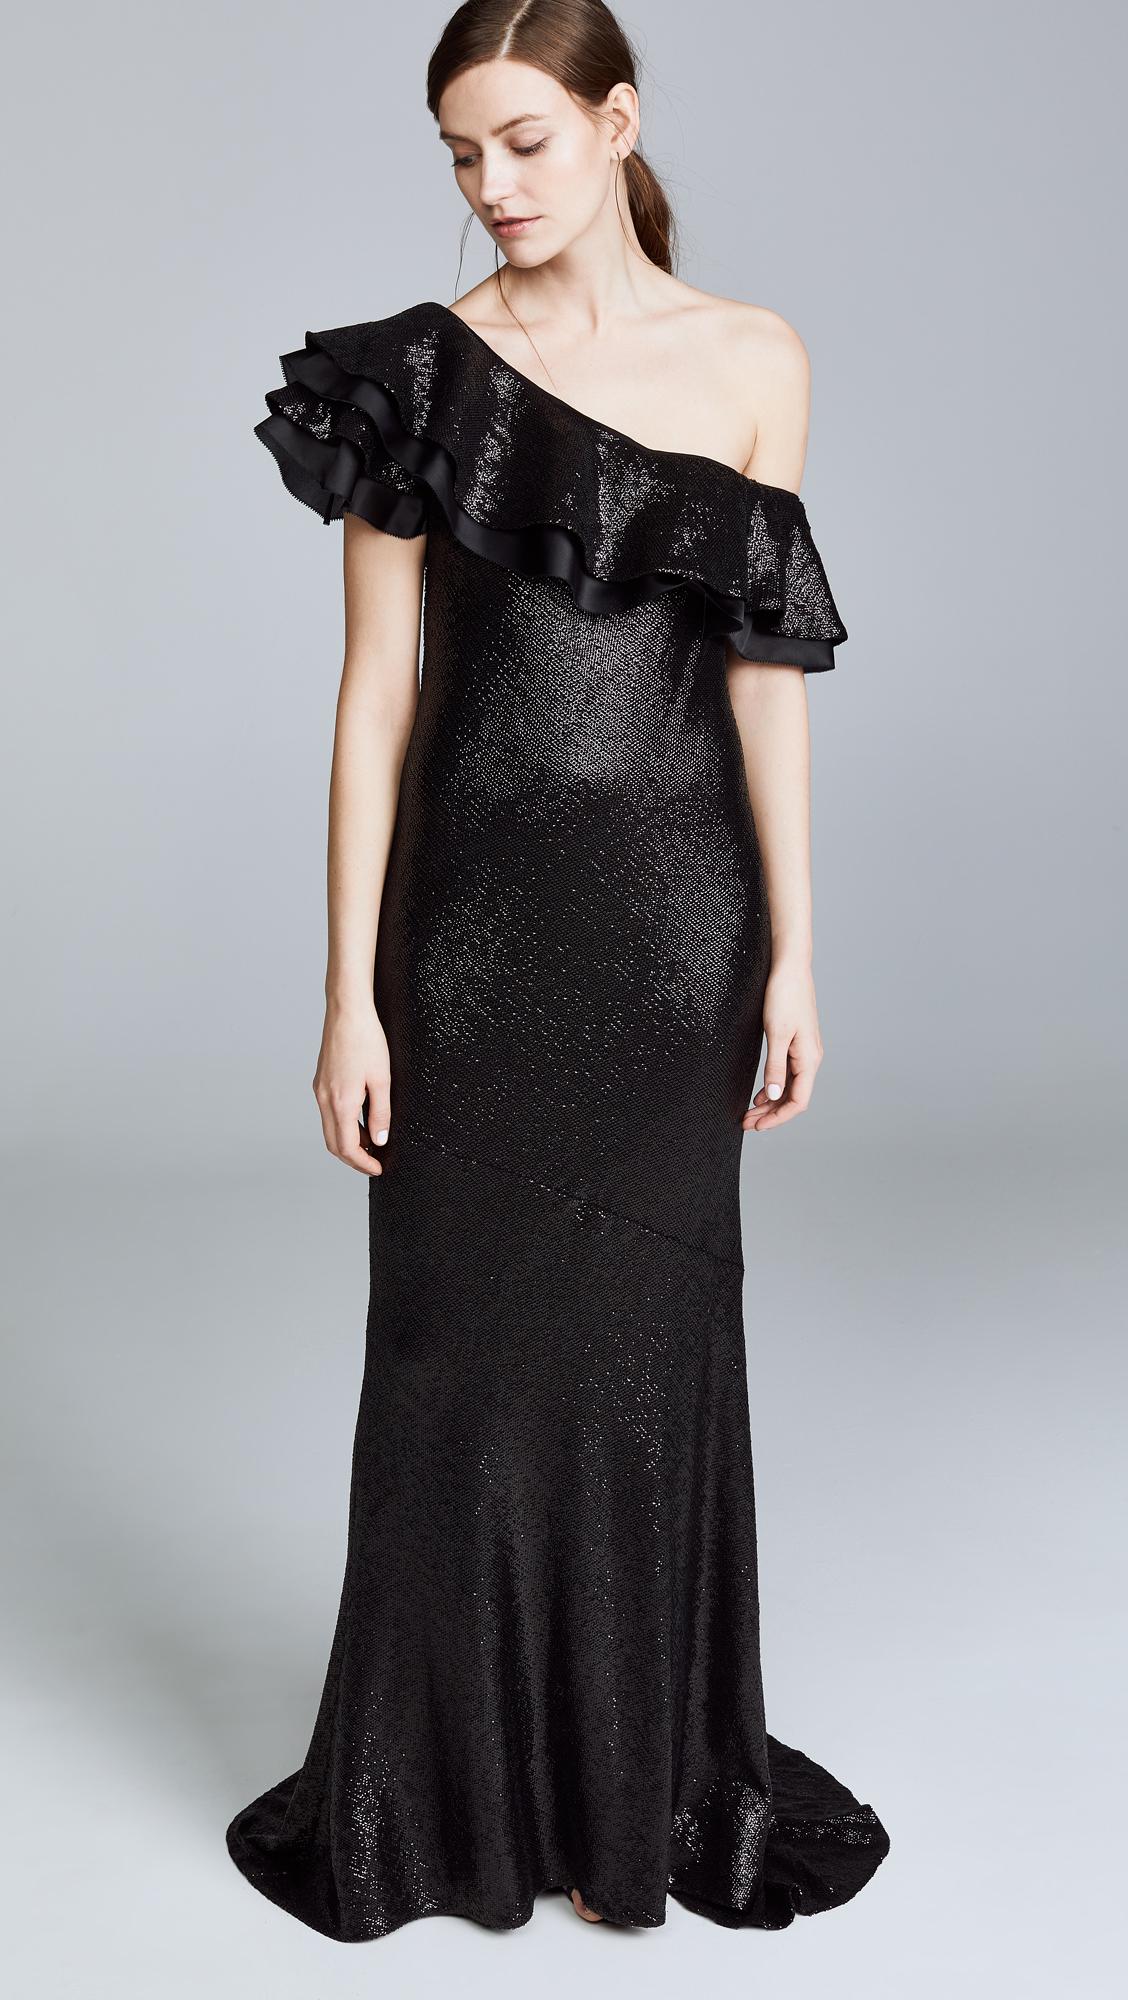 Rachel Zoe Jazz Gown